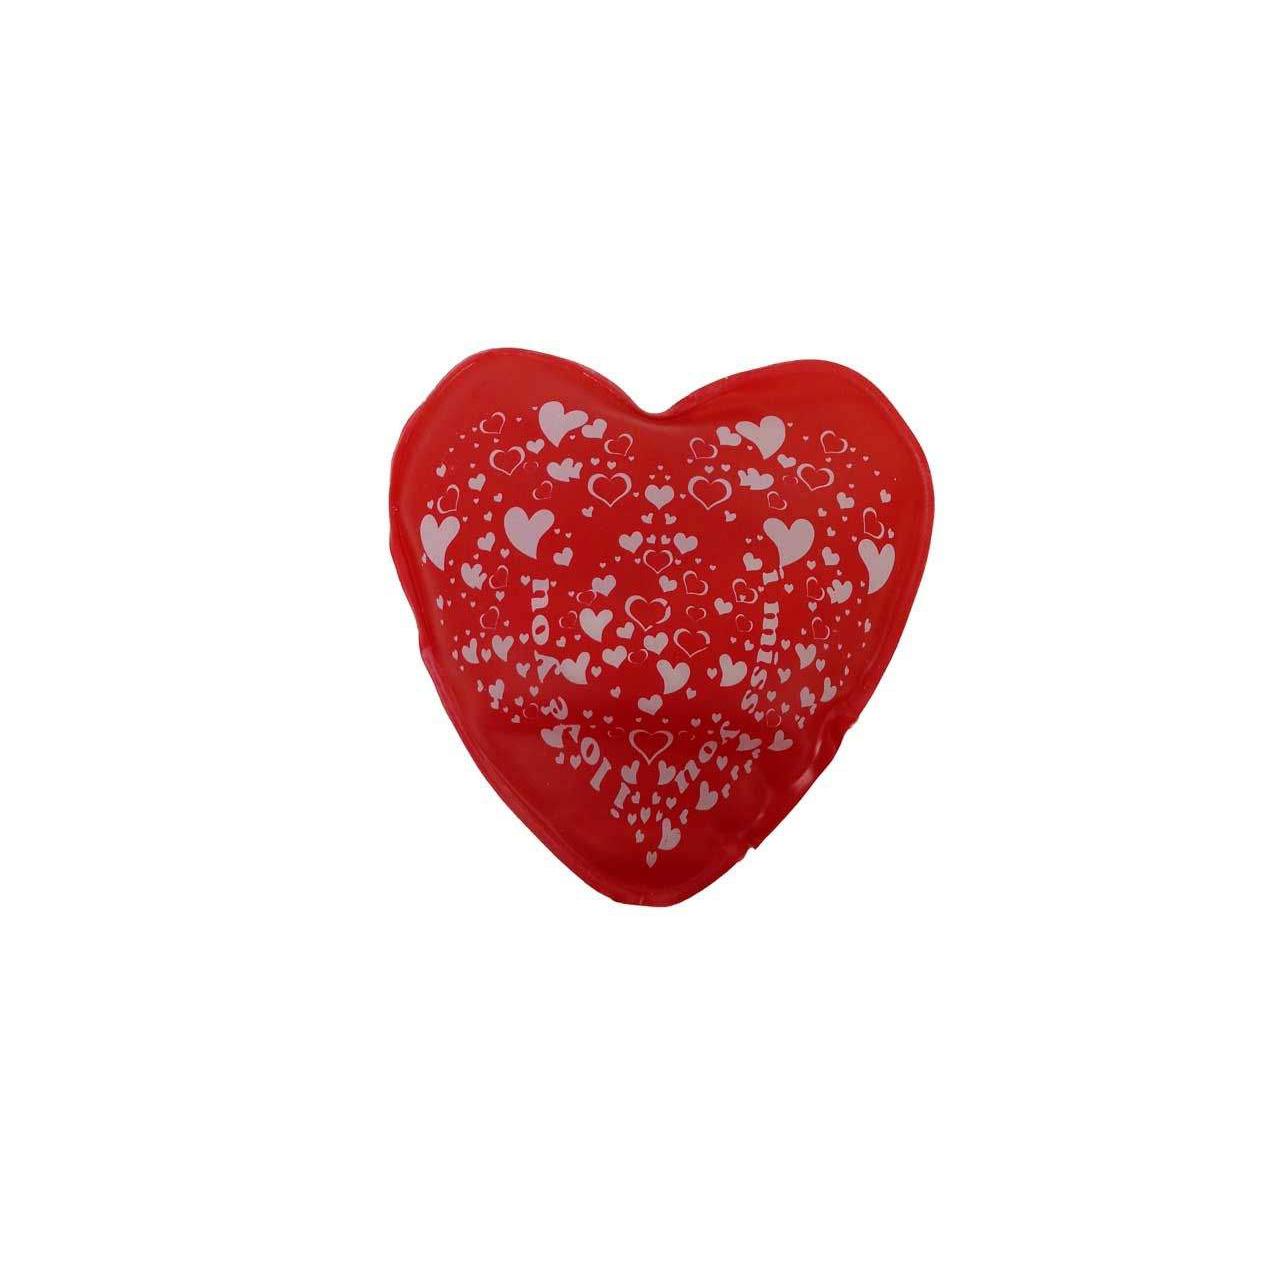 آتروپات گرمايي مدل قلب